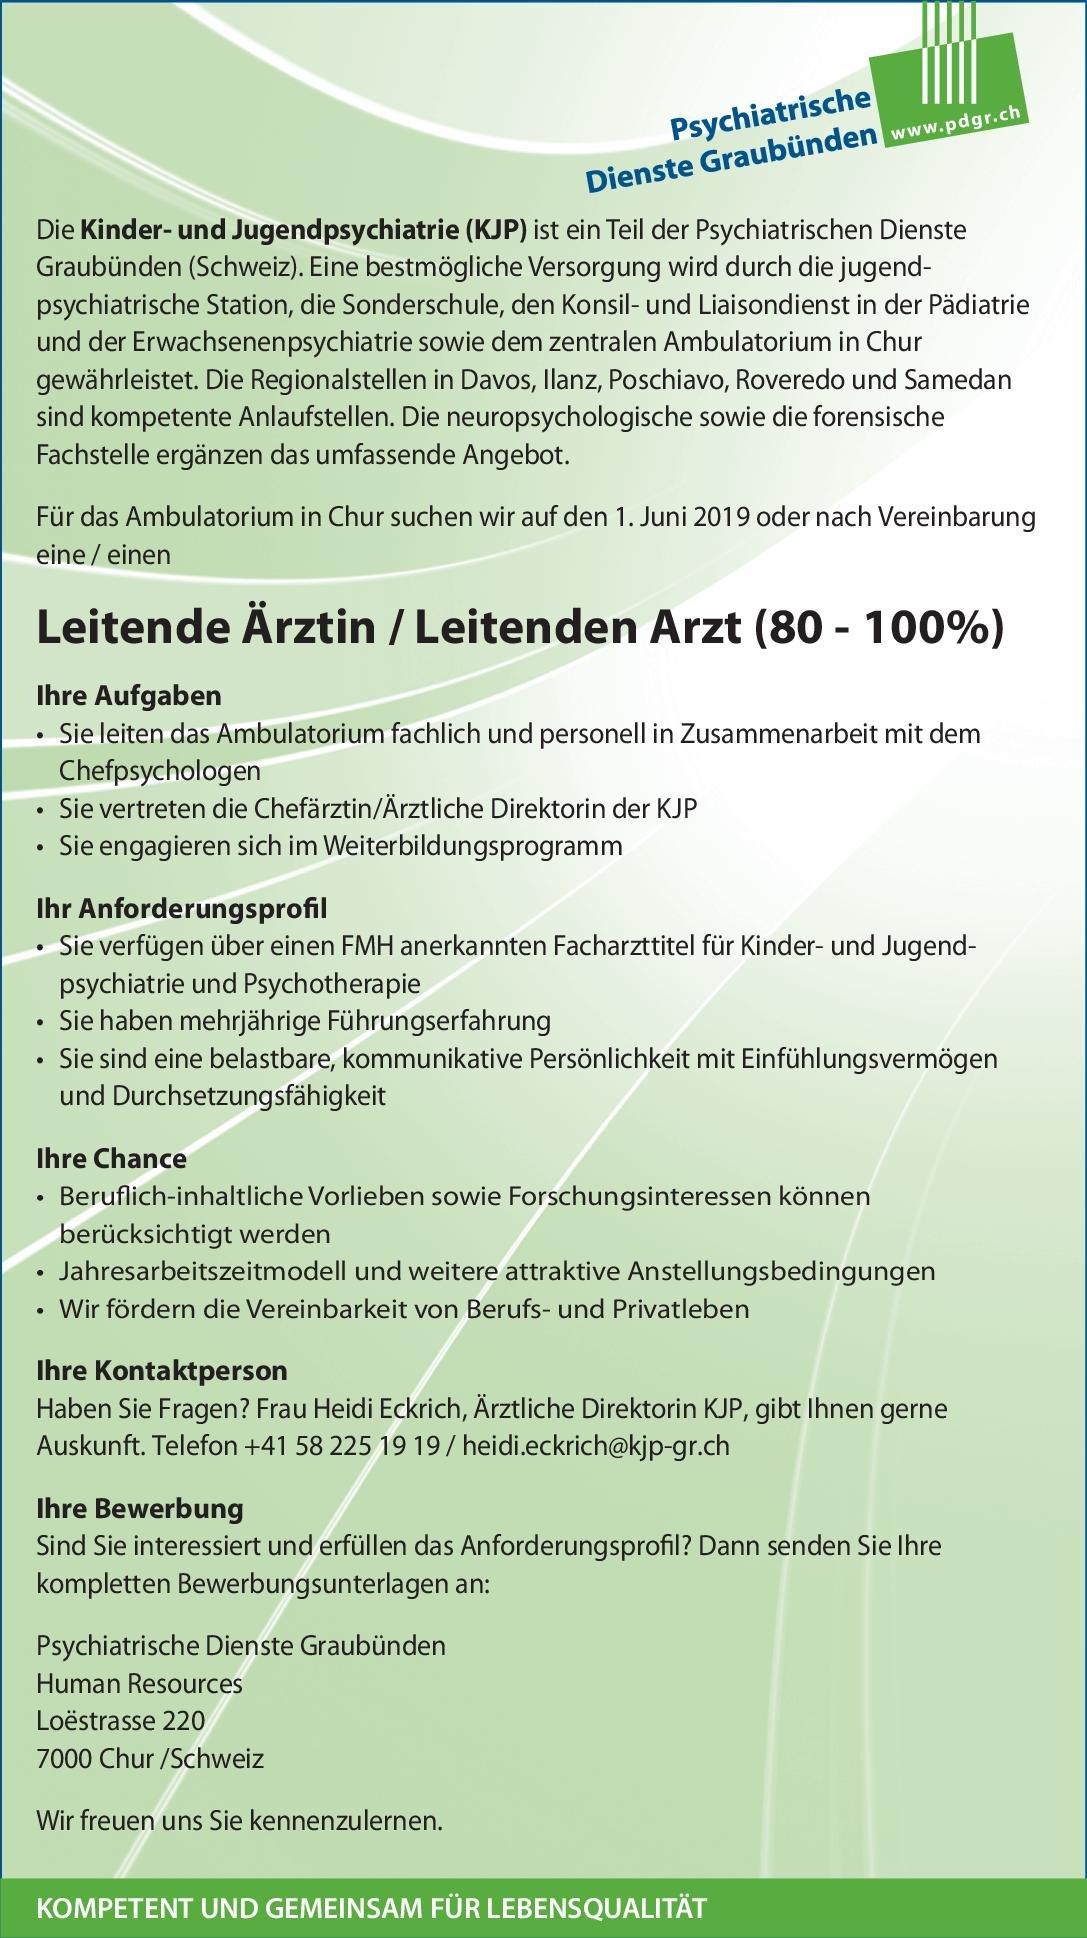 Psychiatrische Dienste Graubünden Leitende Ärztin / Leitender Arzt für Kinder- und Jugendpsychiatrie und Psychotherapie Kinder- und Jugendpsychiatrie und -psychotherapie Ärztl. Leiter